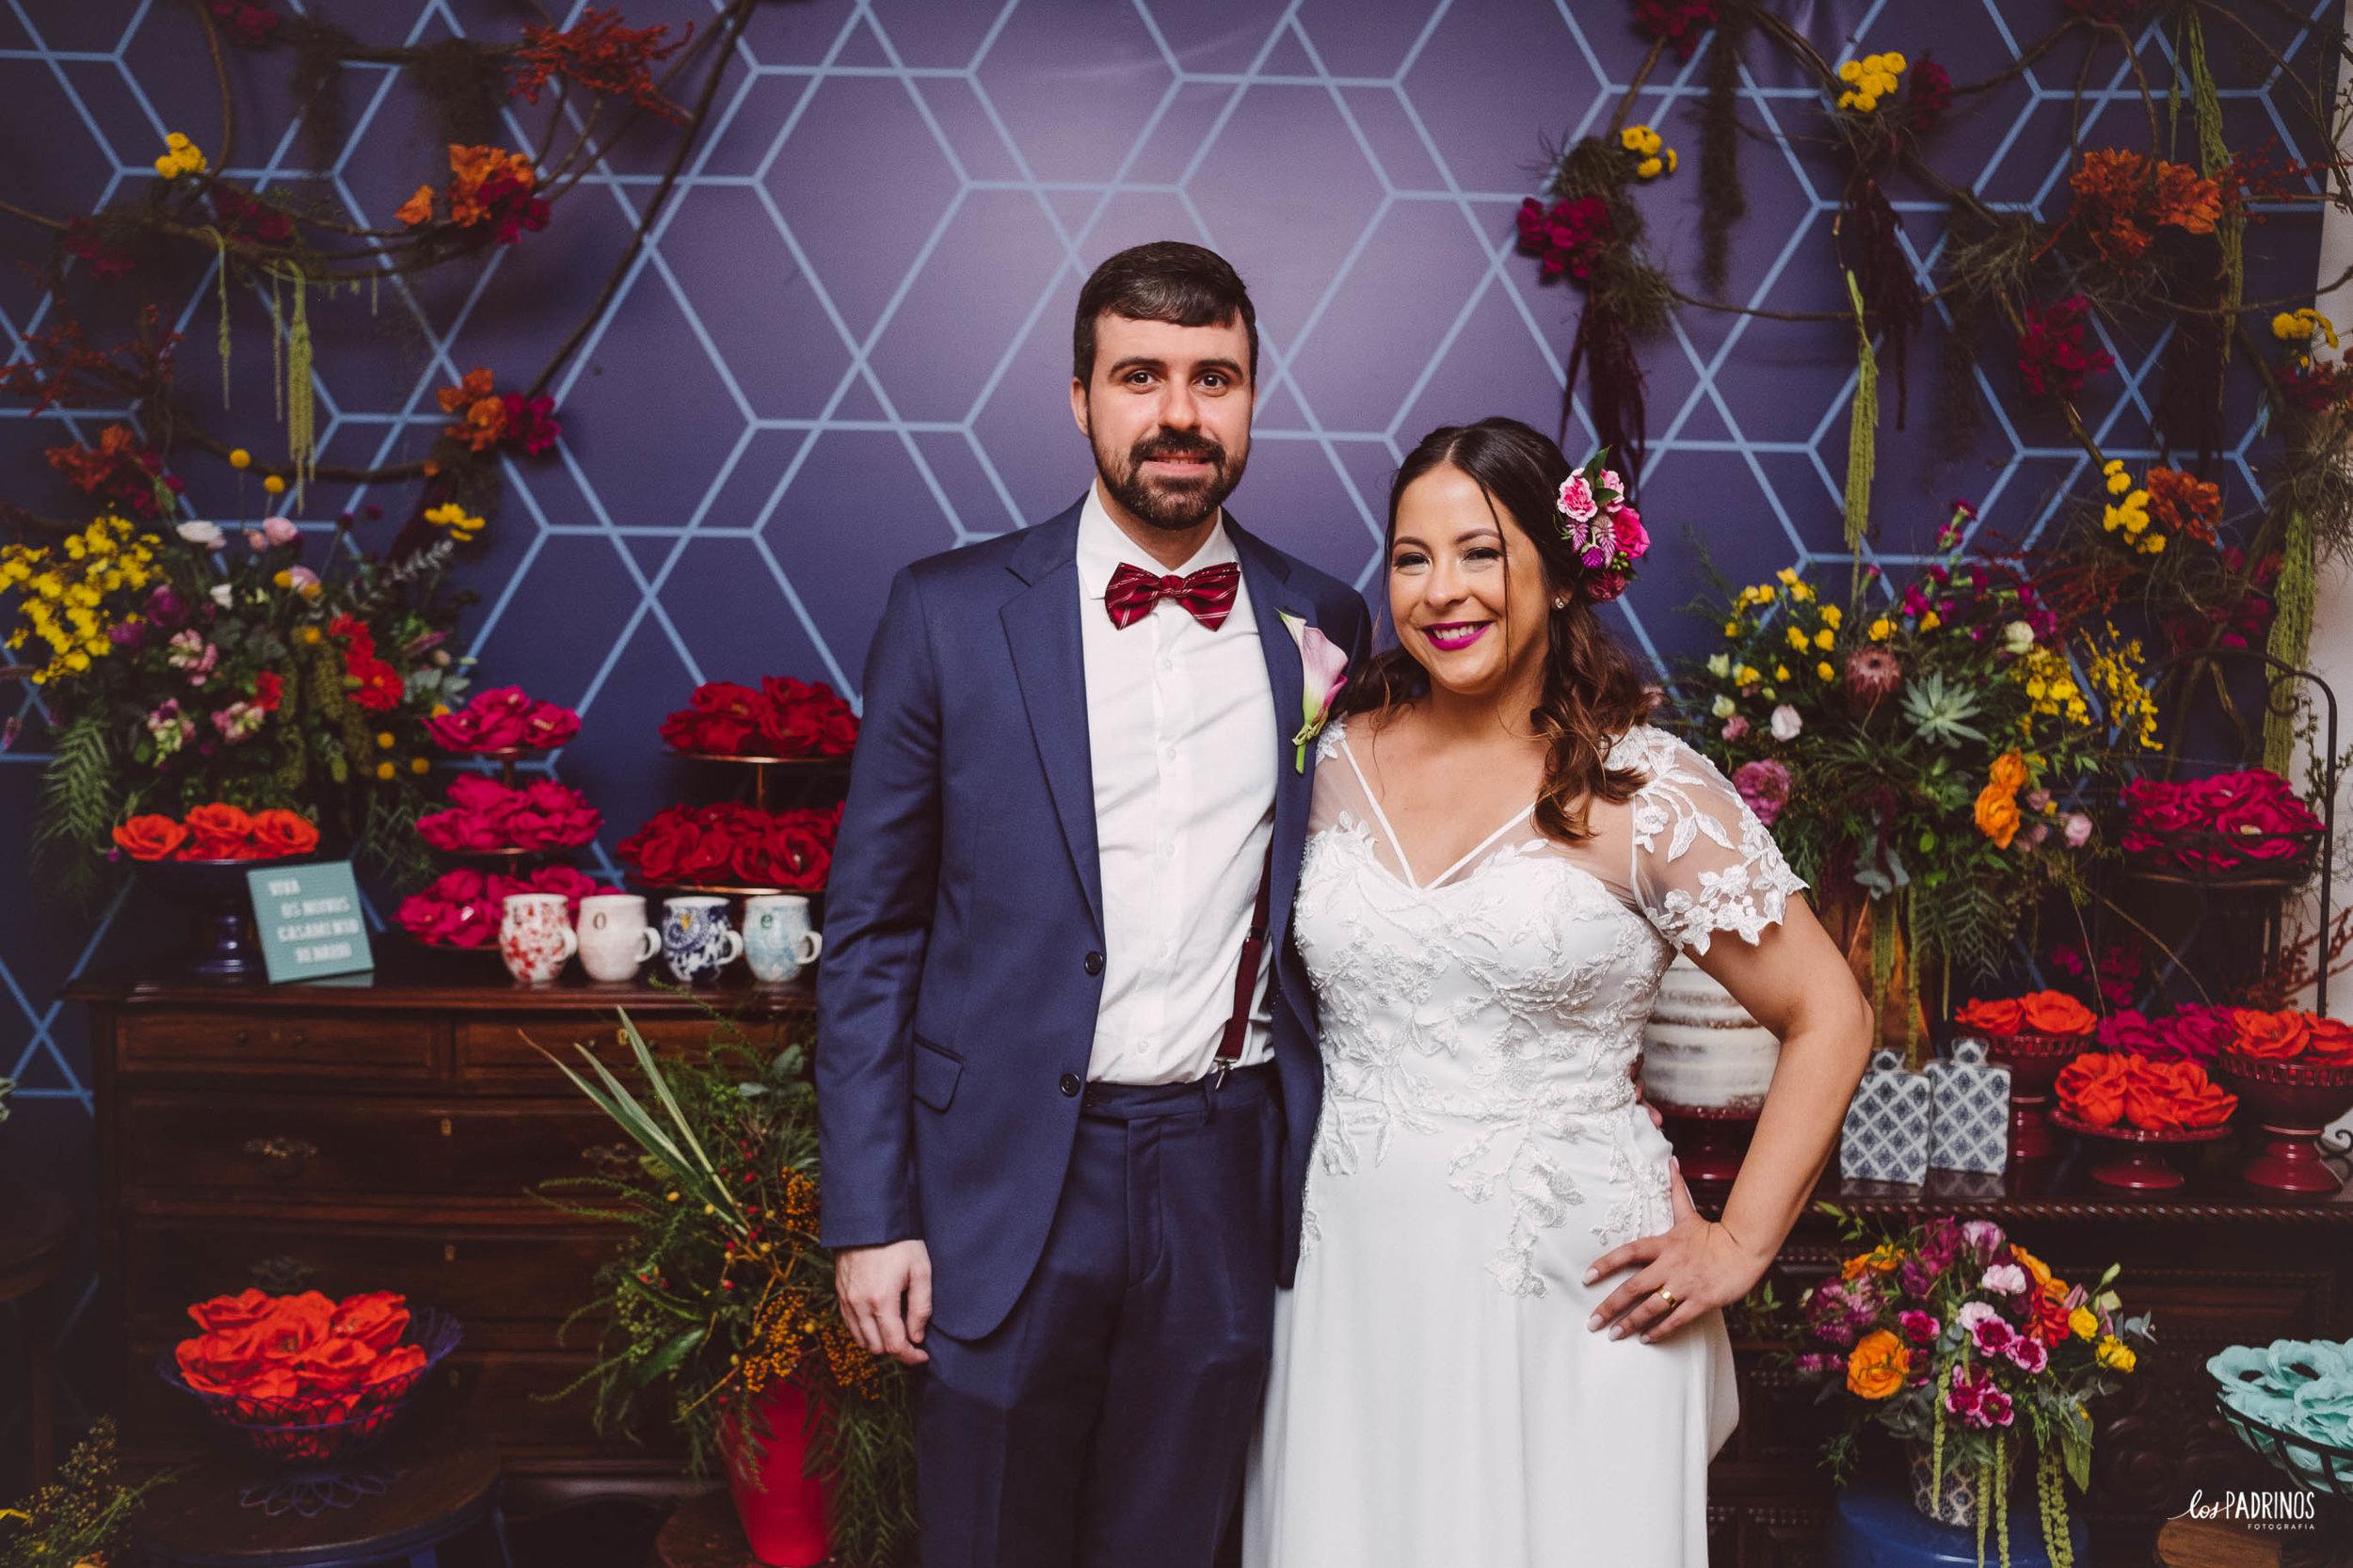 los-padrinos-fotografia-casamento-espaco-arcadia-soraia-roberto-renata-mario_0774.jpg